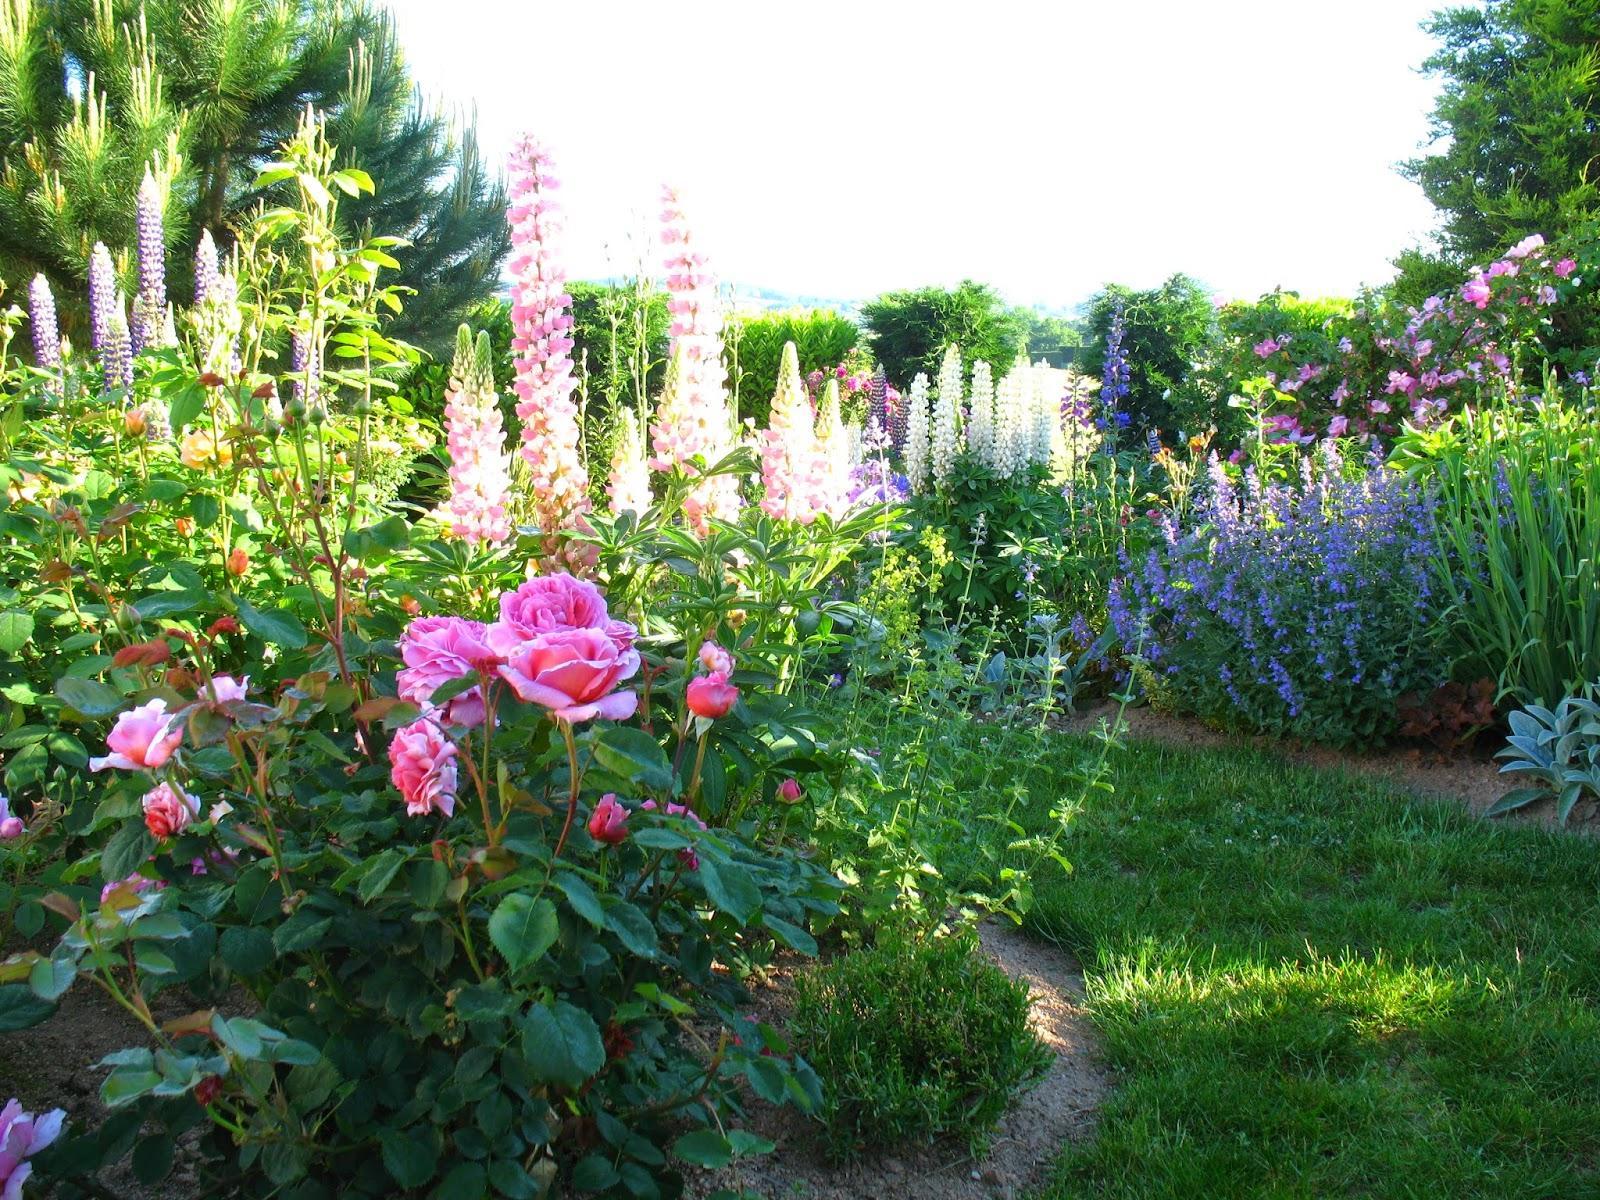 Záhrada,ktorá ťa nikdy neomrzí...divoká a krásna - Obrázok č. 105